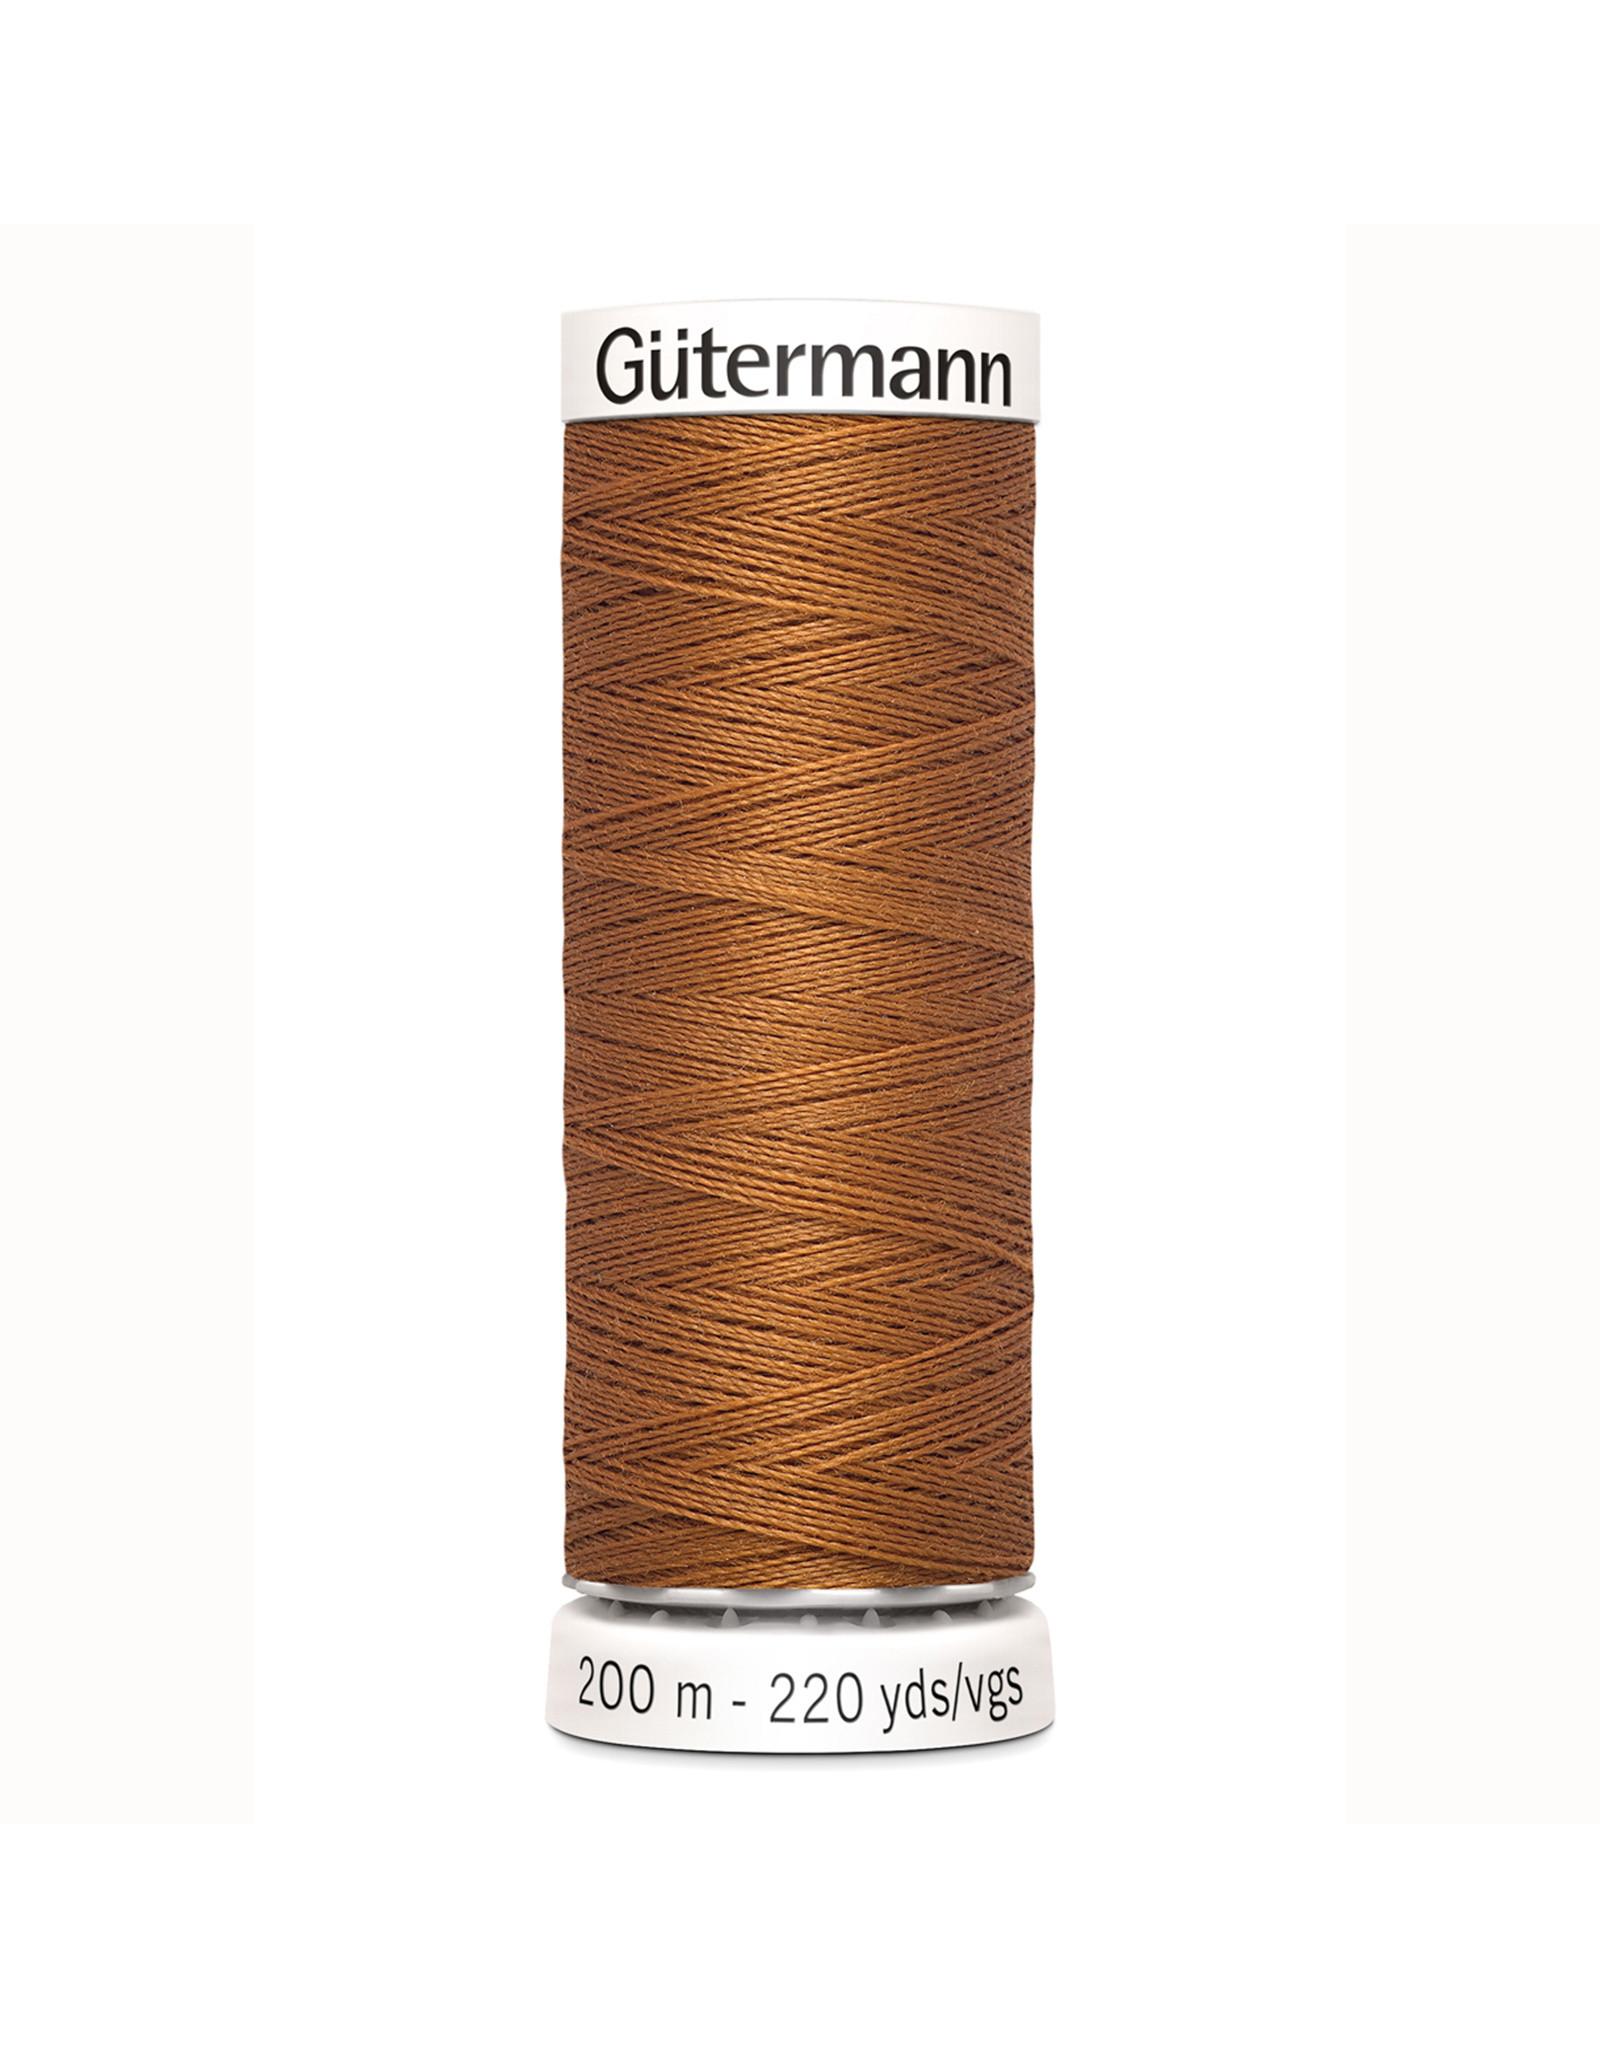 Gütermann Gütermann Nähgarn 200 m - nr 448